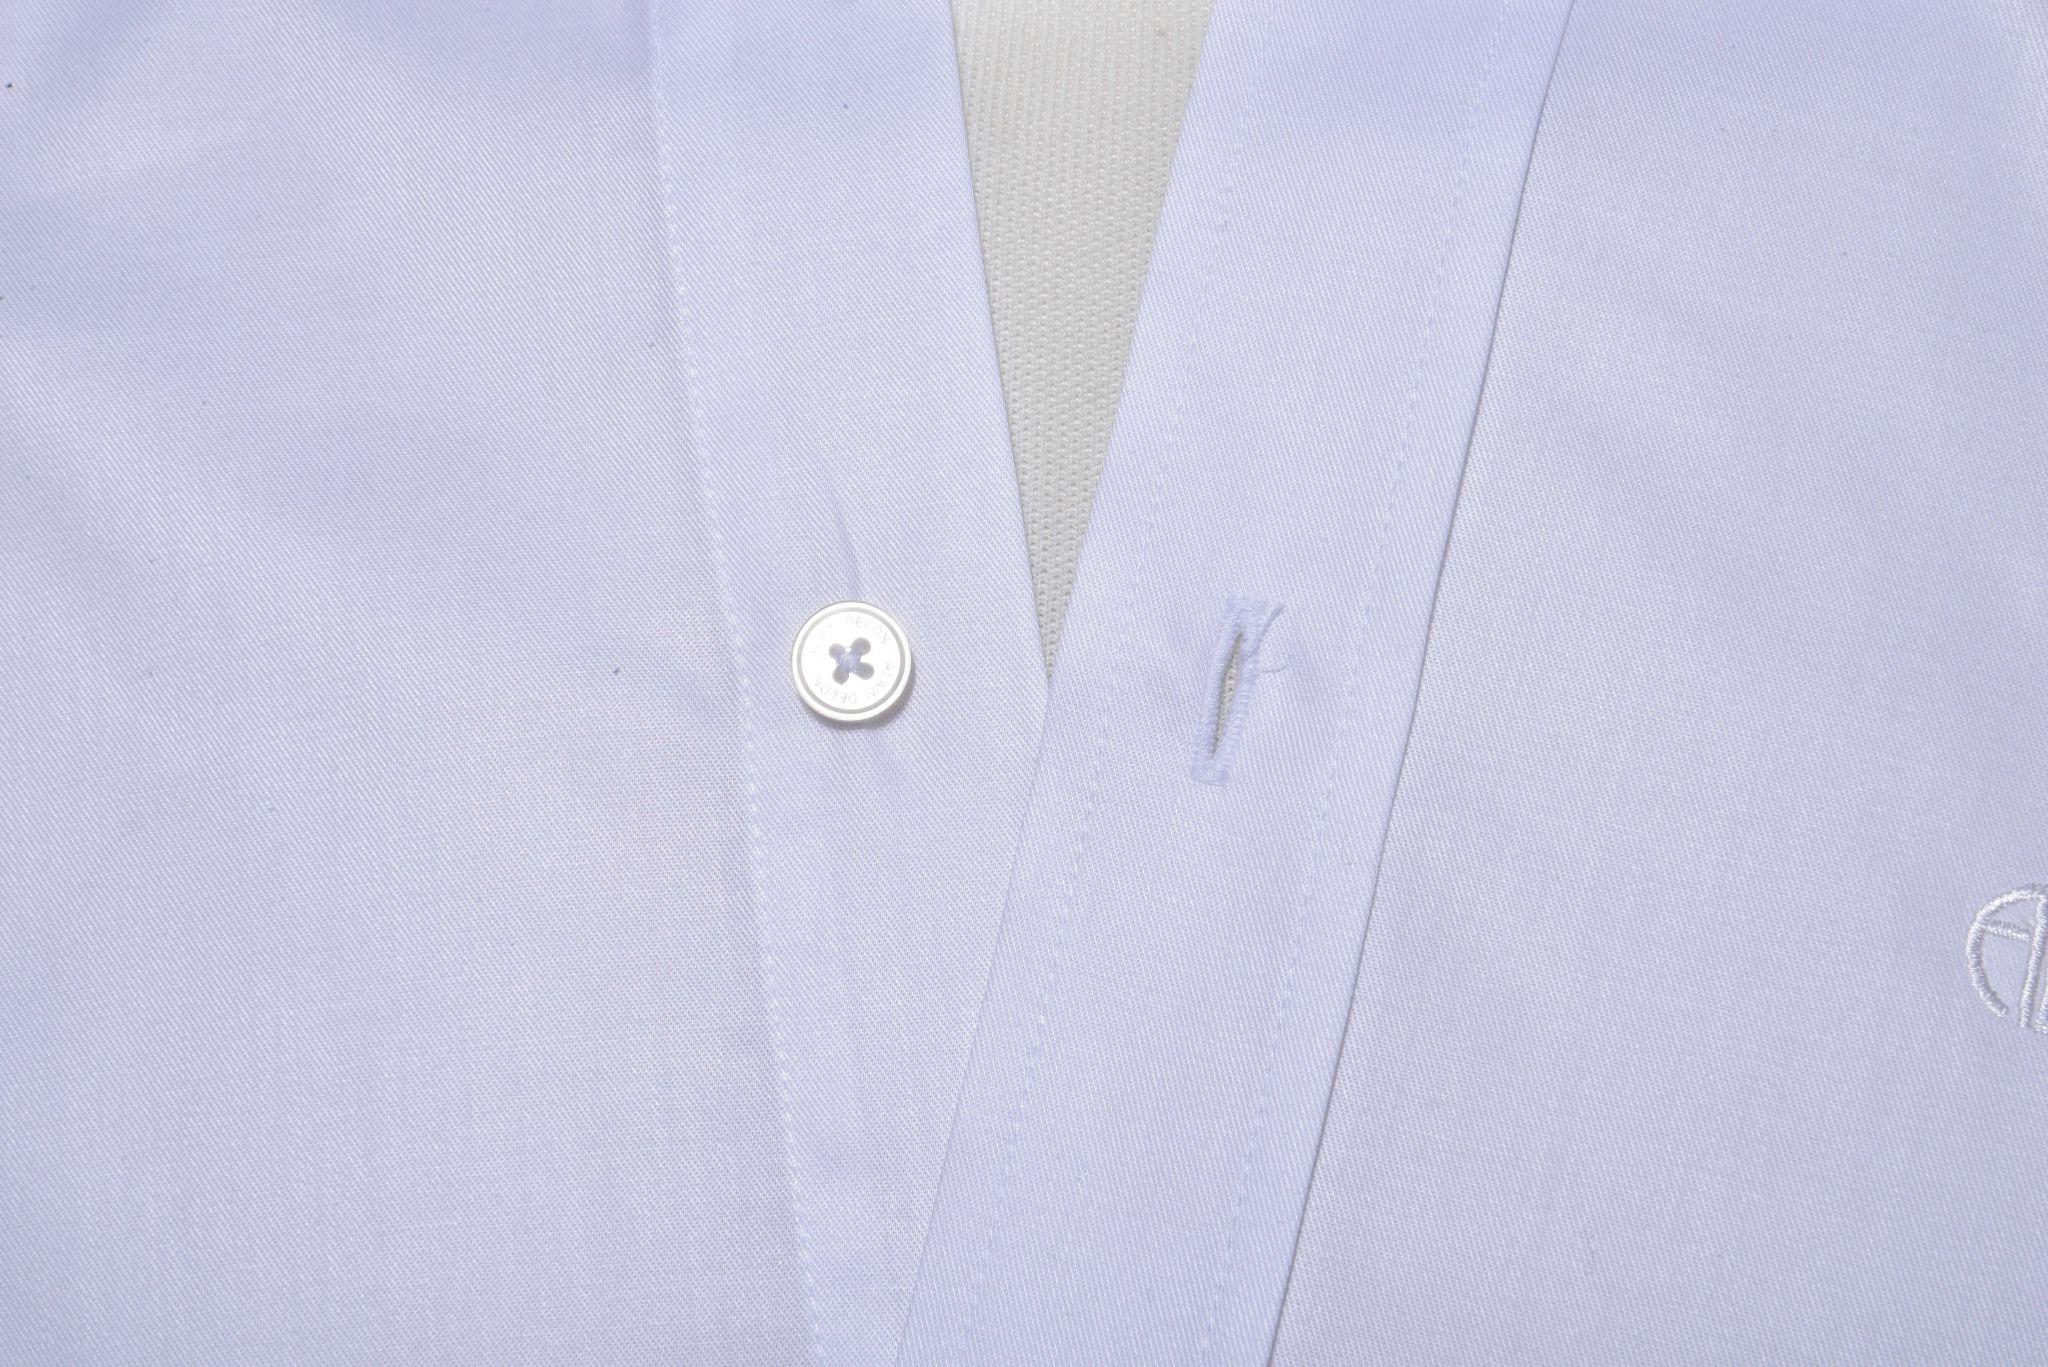 22048cea2f7a Biela Slim Fit košeľa s krátkym rukávom - Short sleeved shirts - E ...